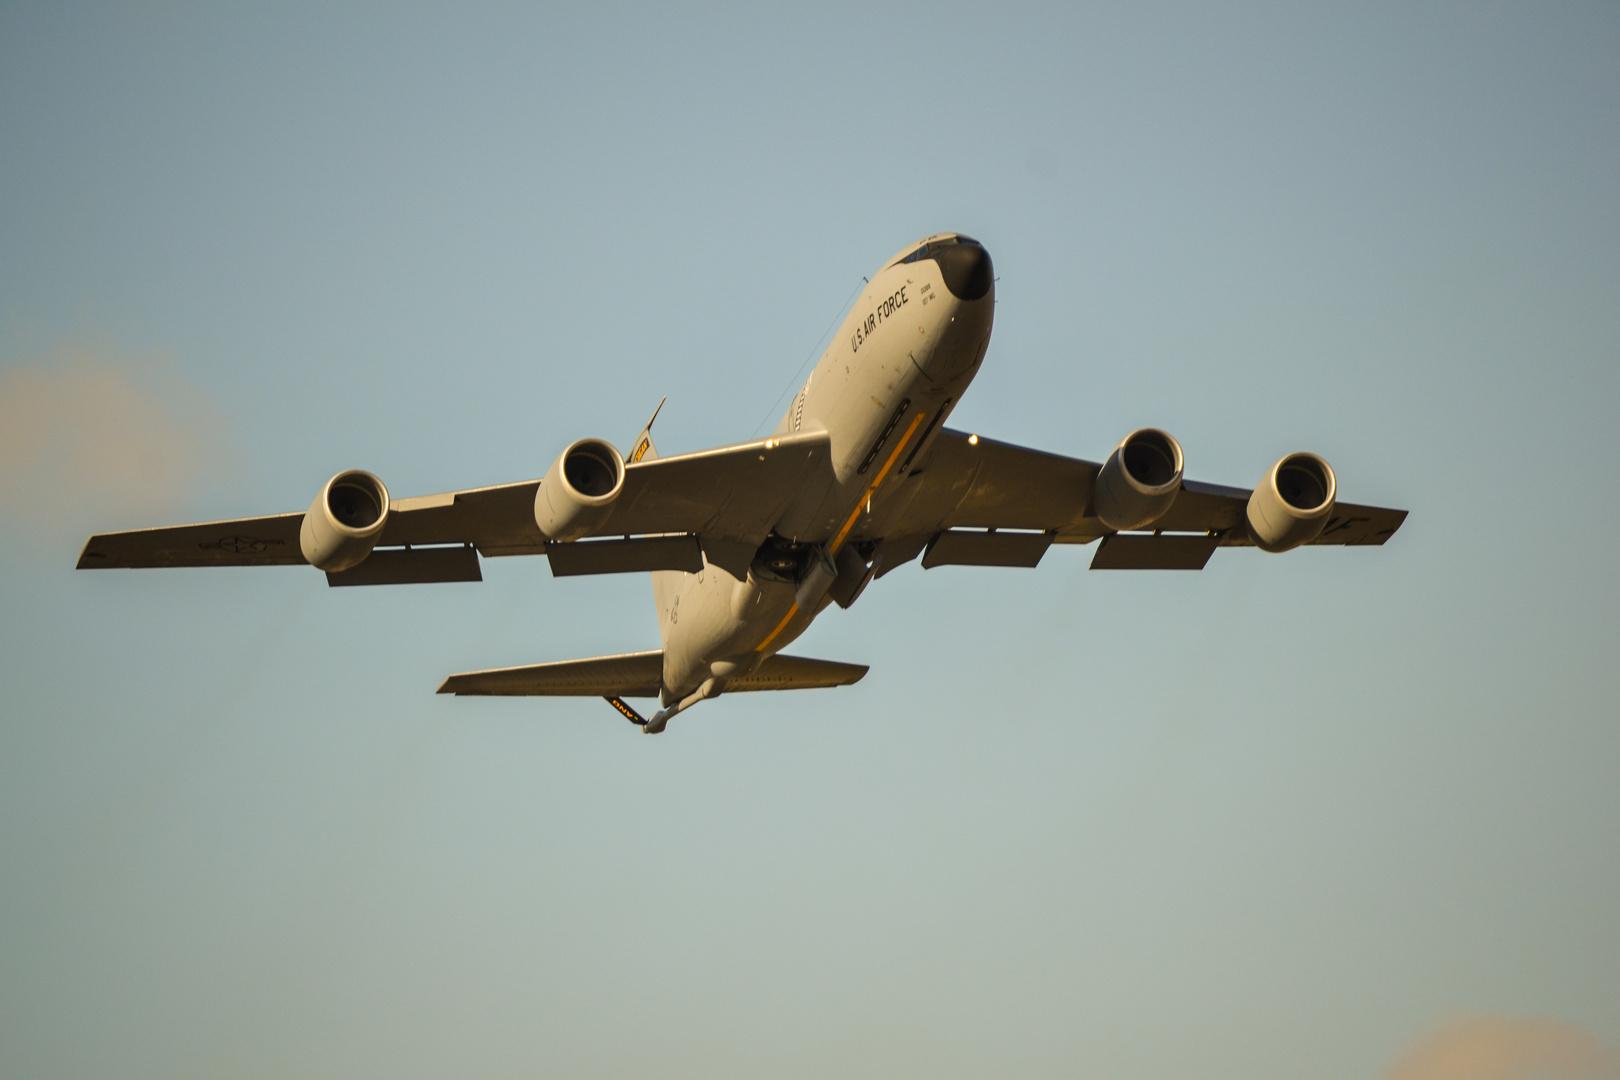 U.S. AIR FORCE TANKER